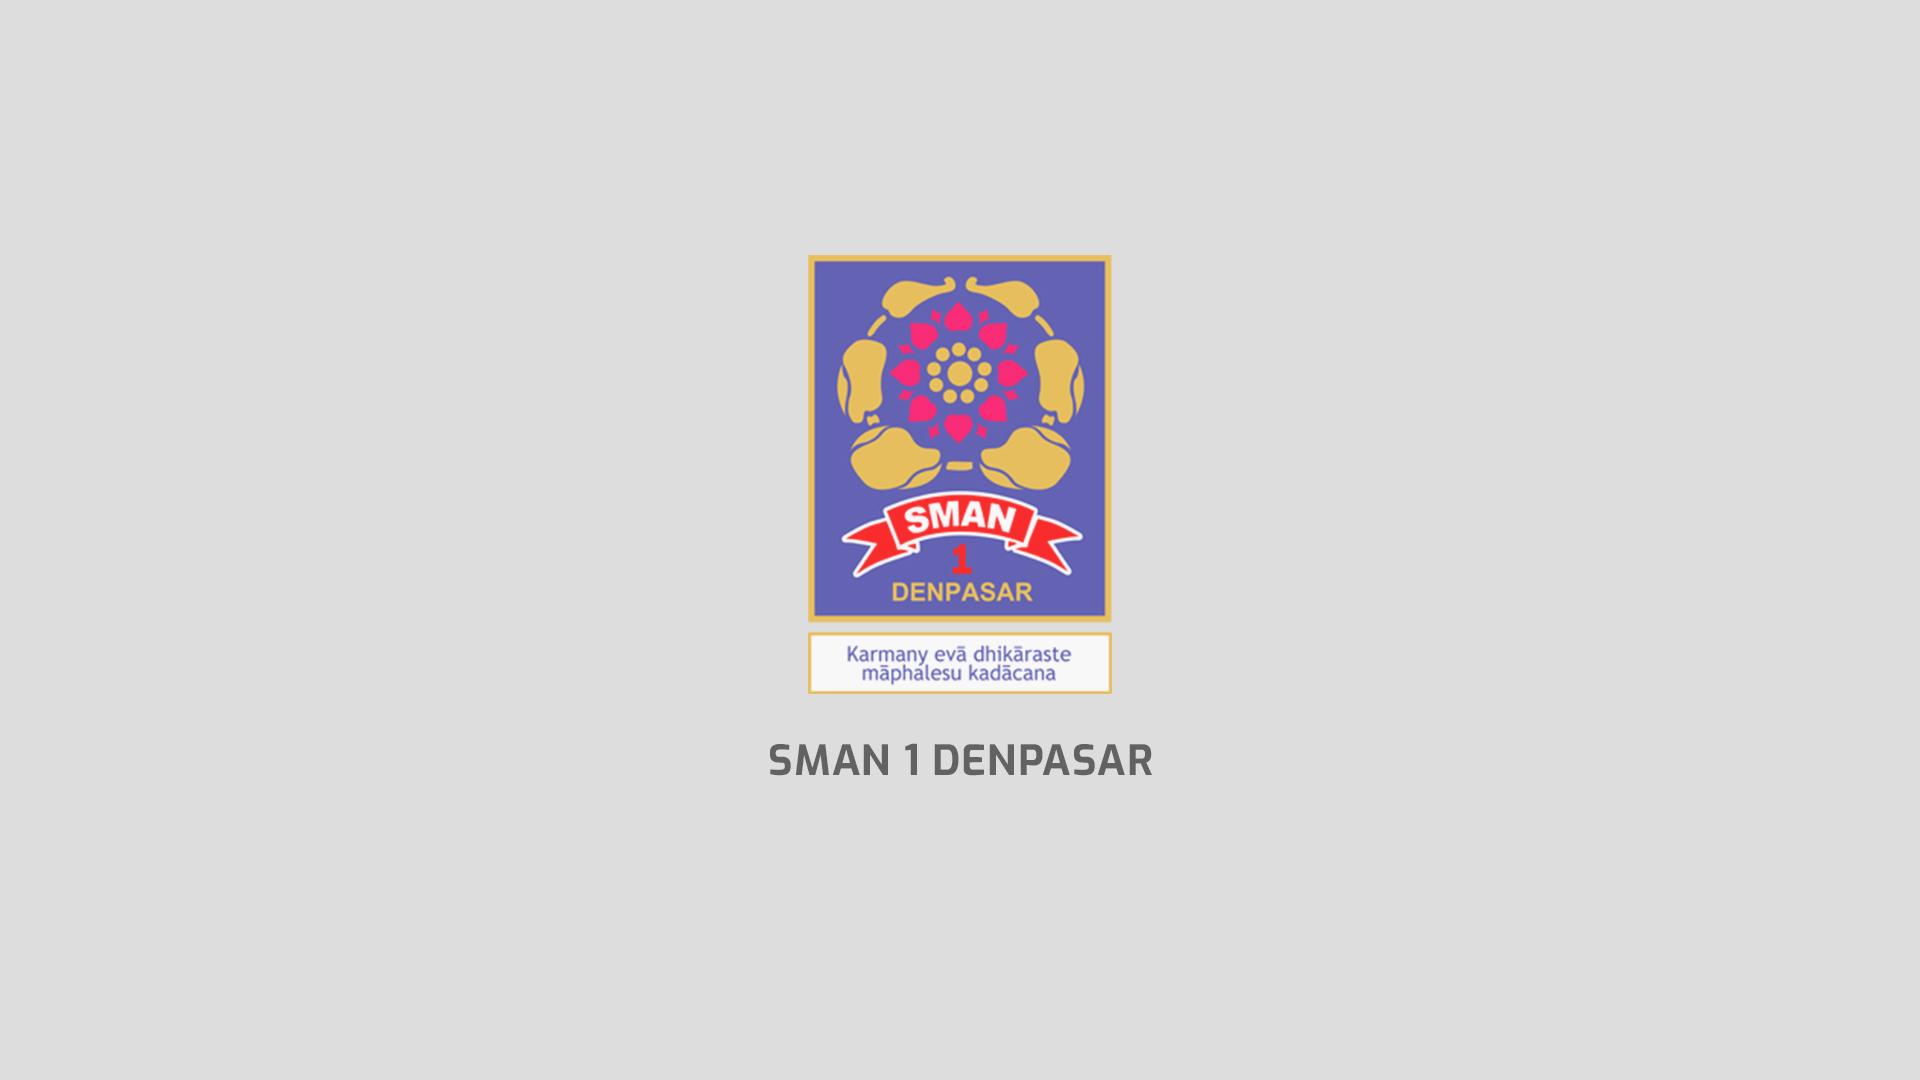 SMAN 1 DENPASAR